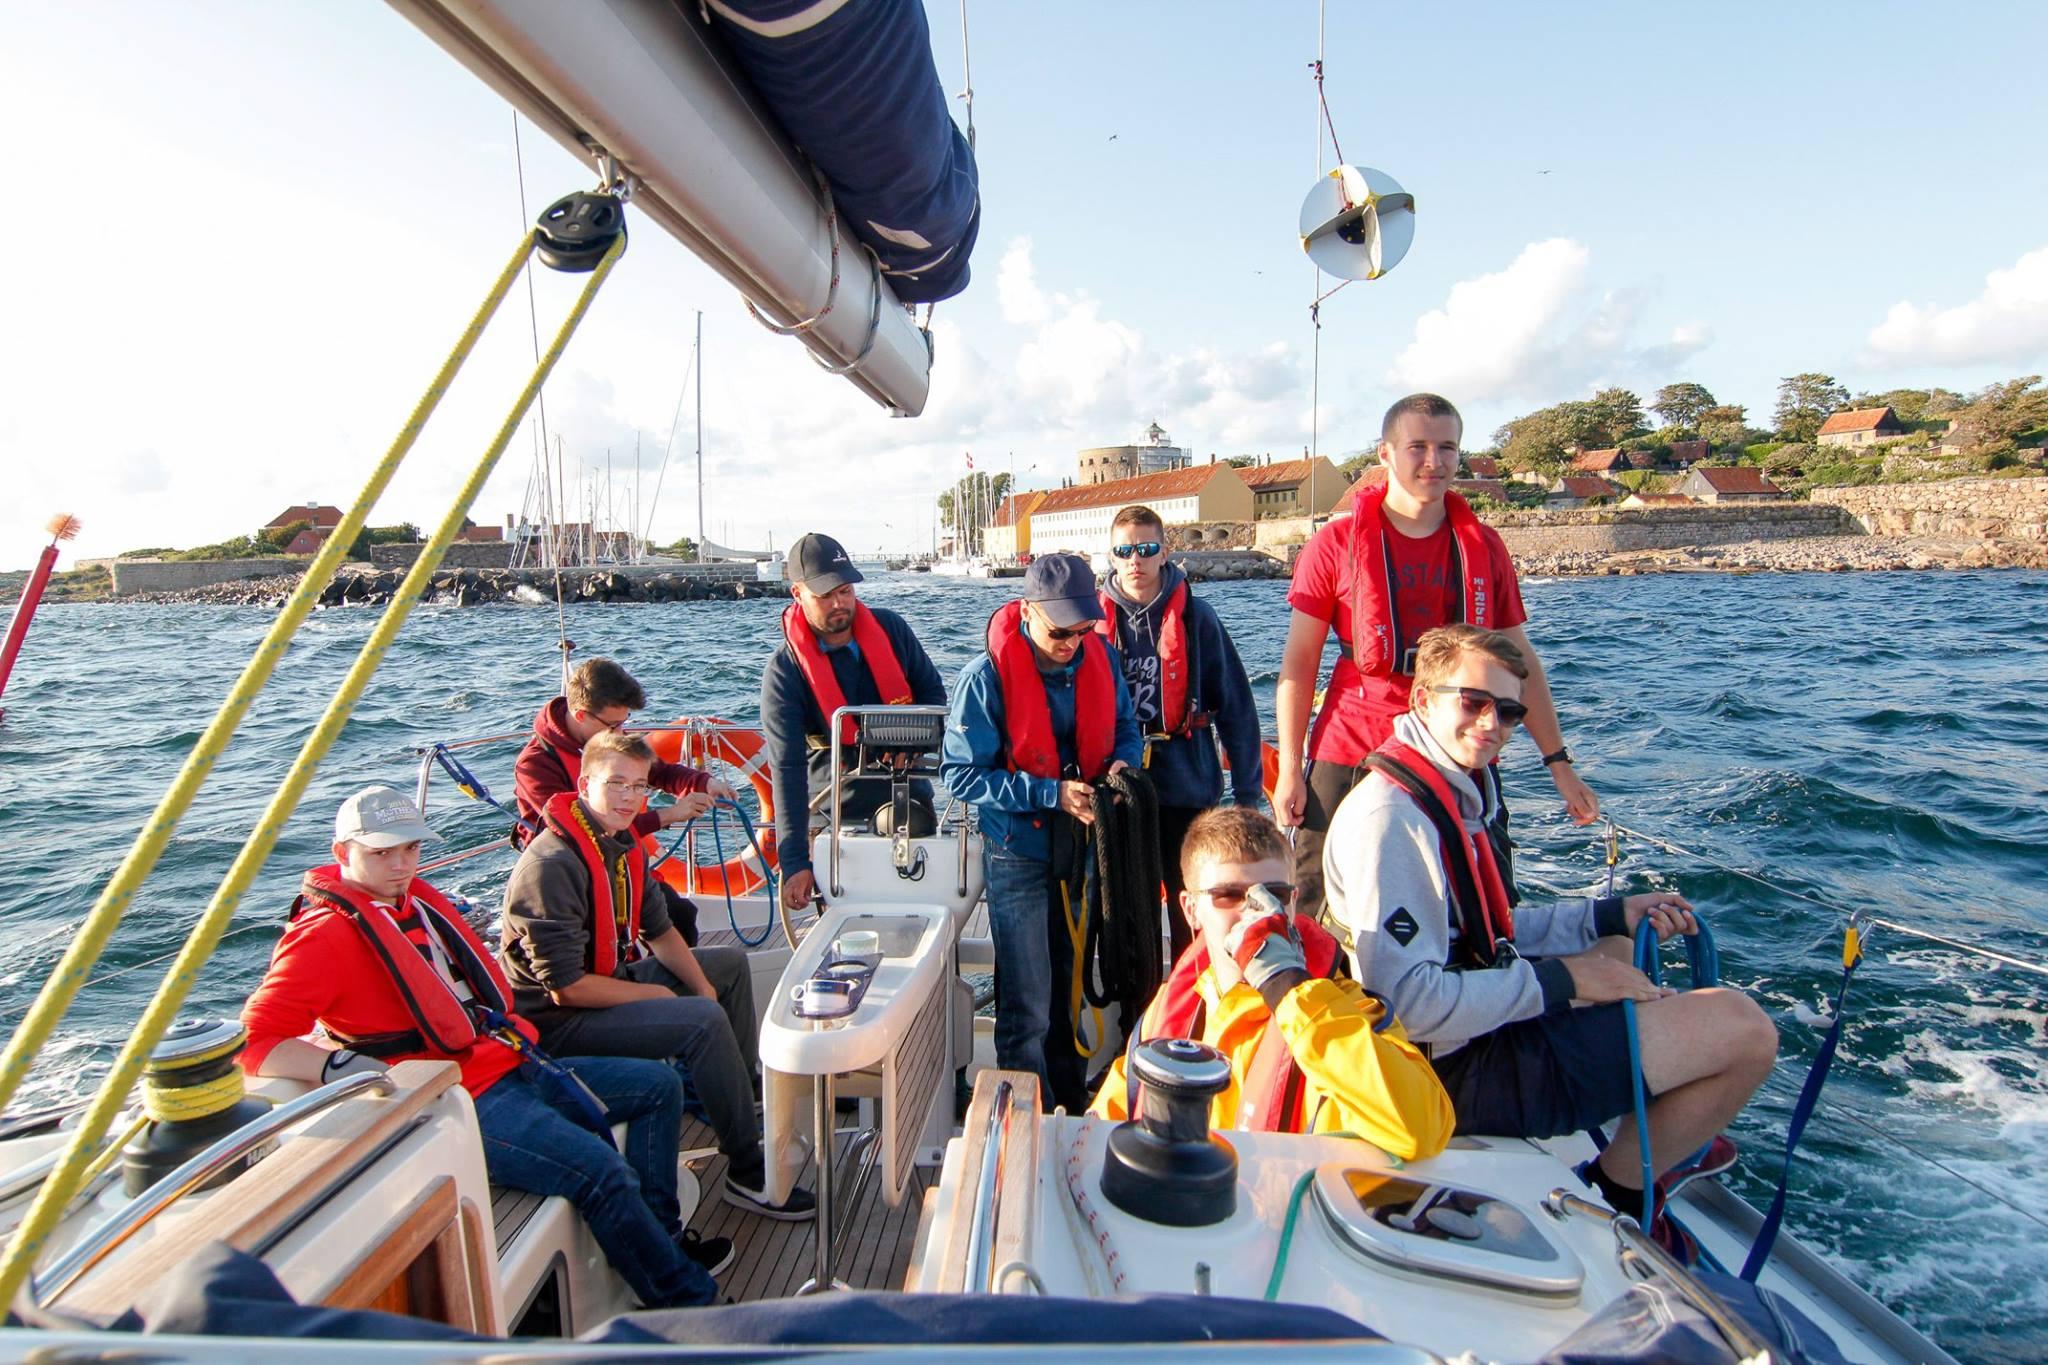 Rejsy żeglarskie na życzenie dla studentów i rodzin w Chorwacji